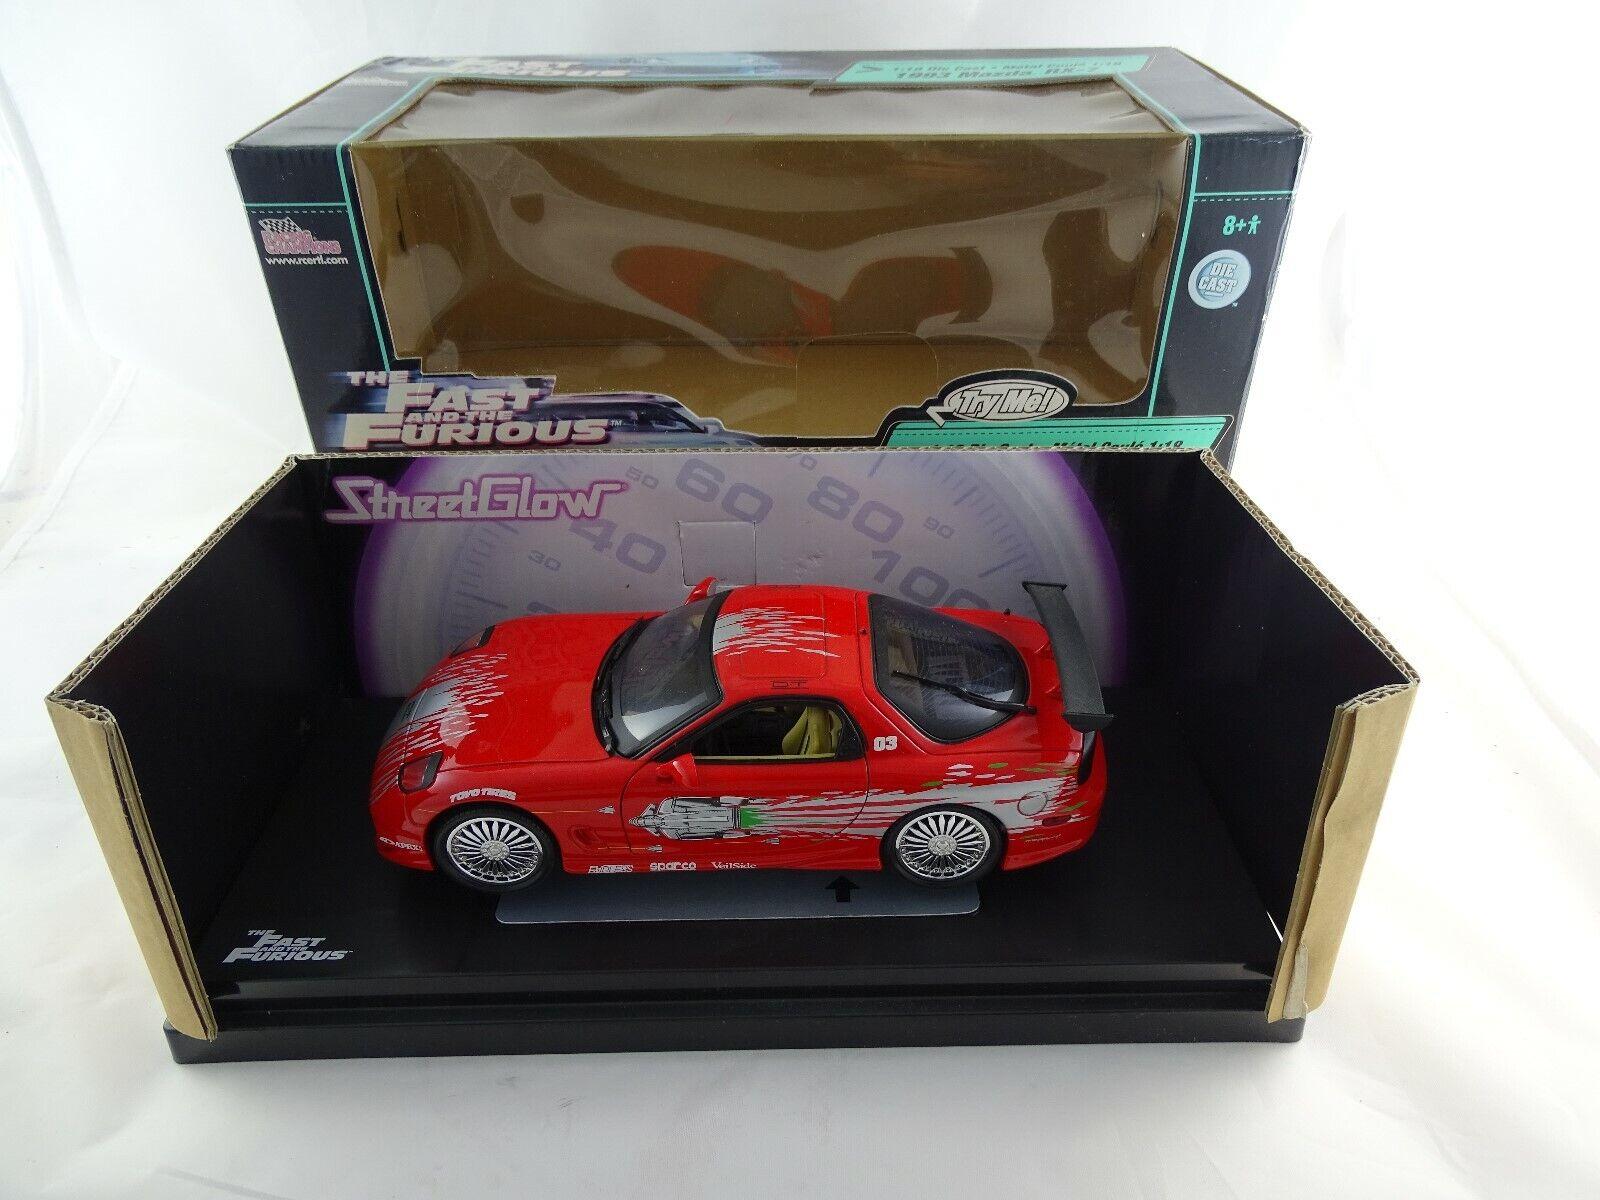 suministro de productos de calidad 1 18 ertl  street Glow  1993 Mazda rx7 rx7 rx7 Fast & Furious con bajo la luz de suelo  diseño único